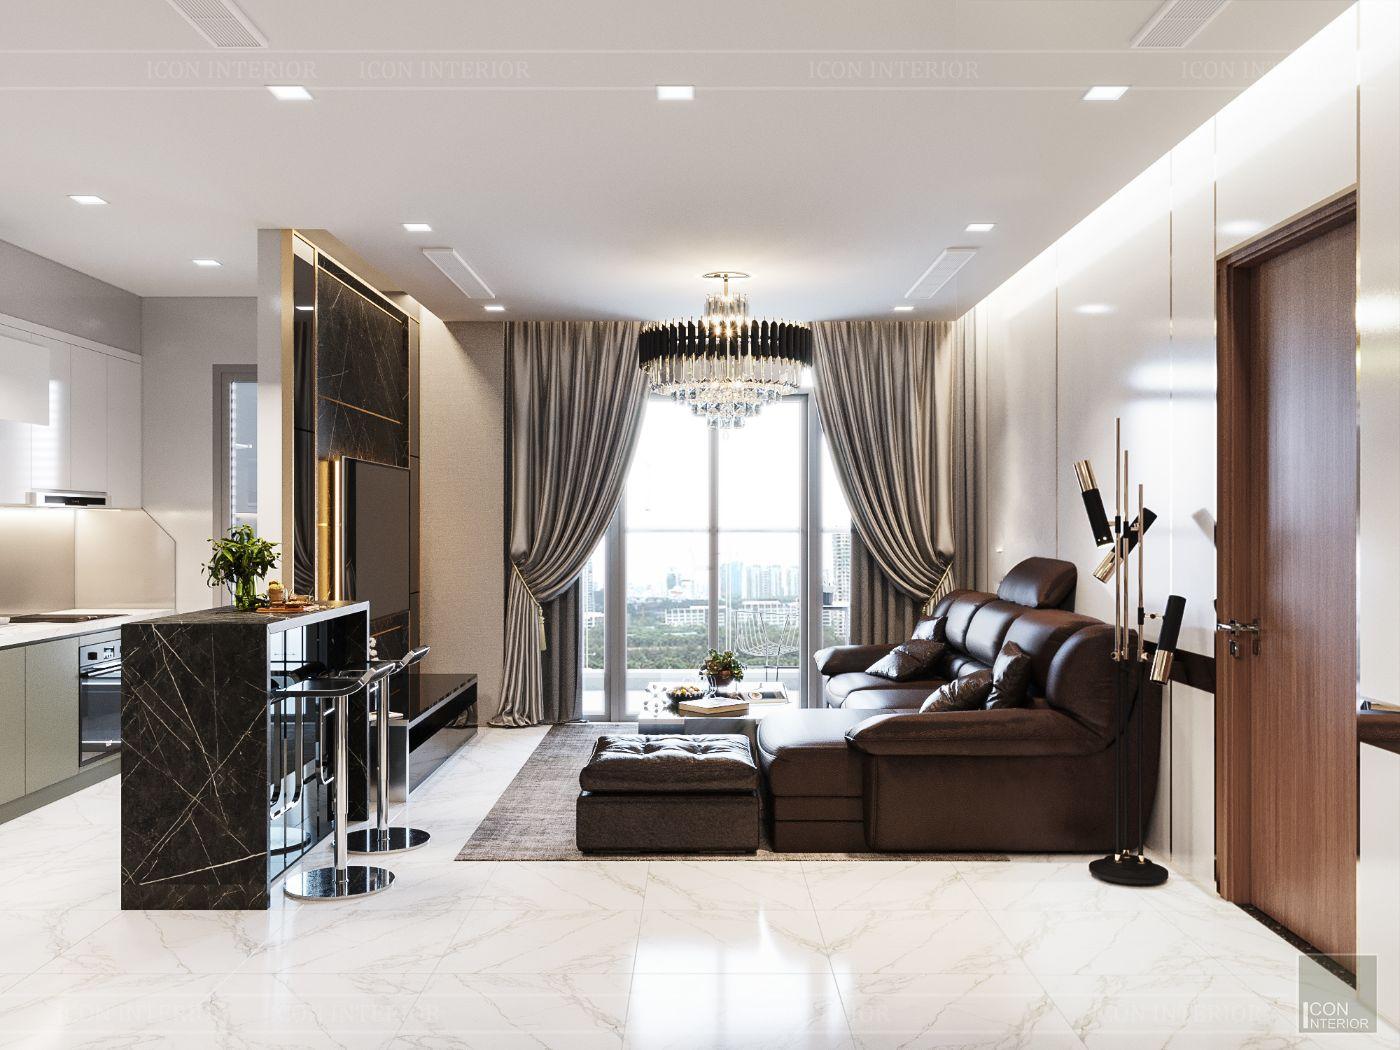 thiết kế nội thất nhà hiện đại - phòng khách 1